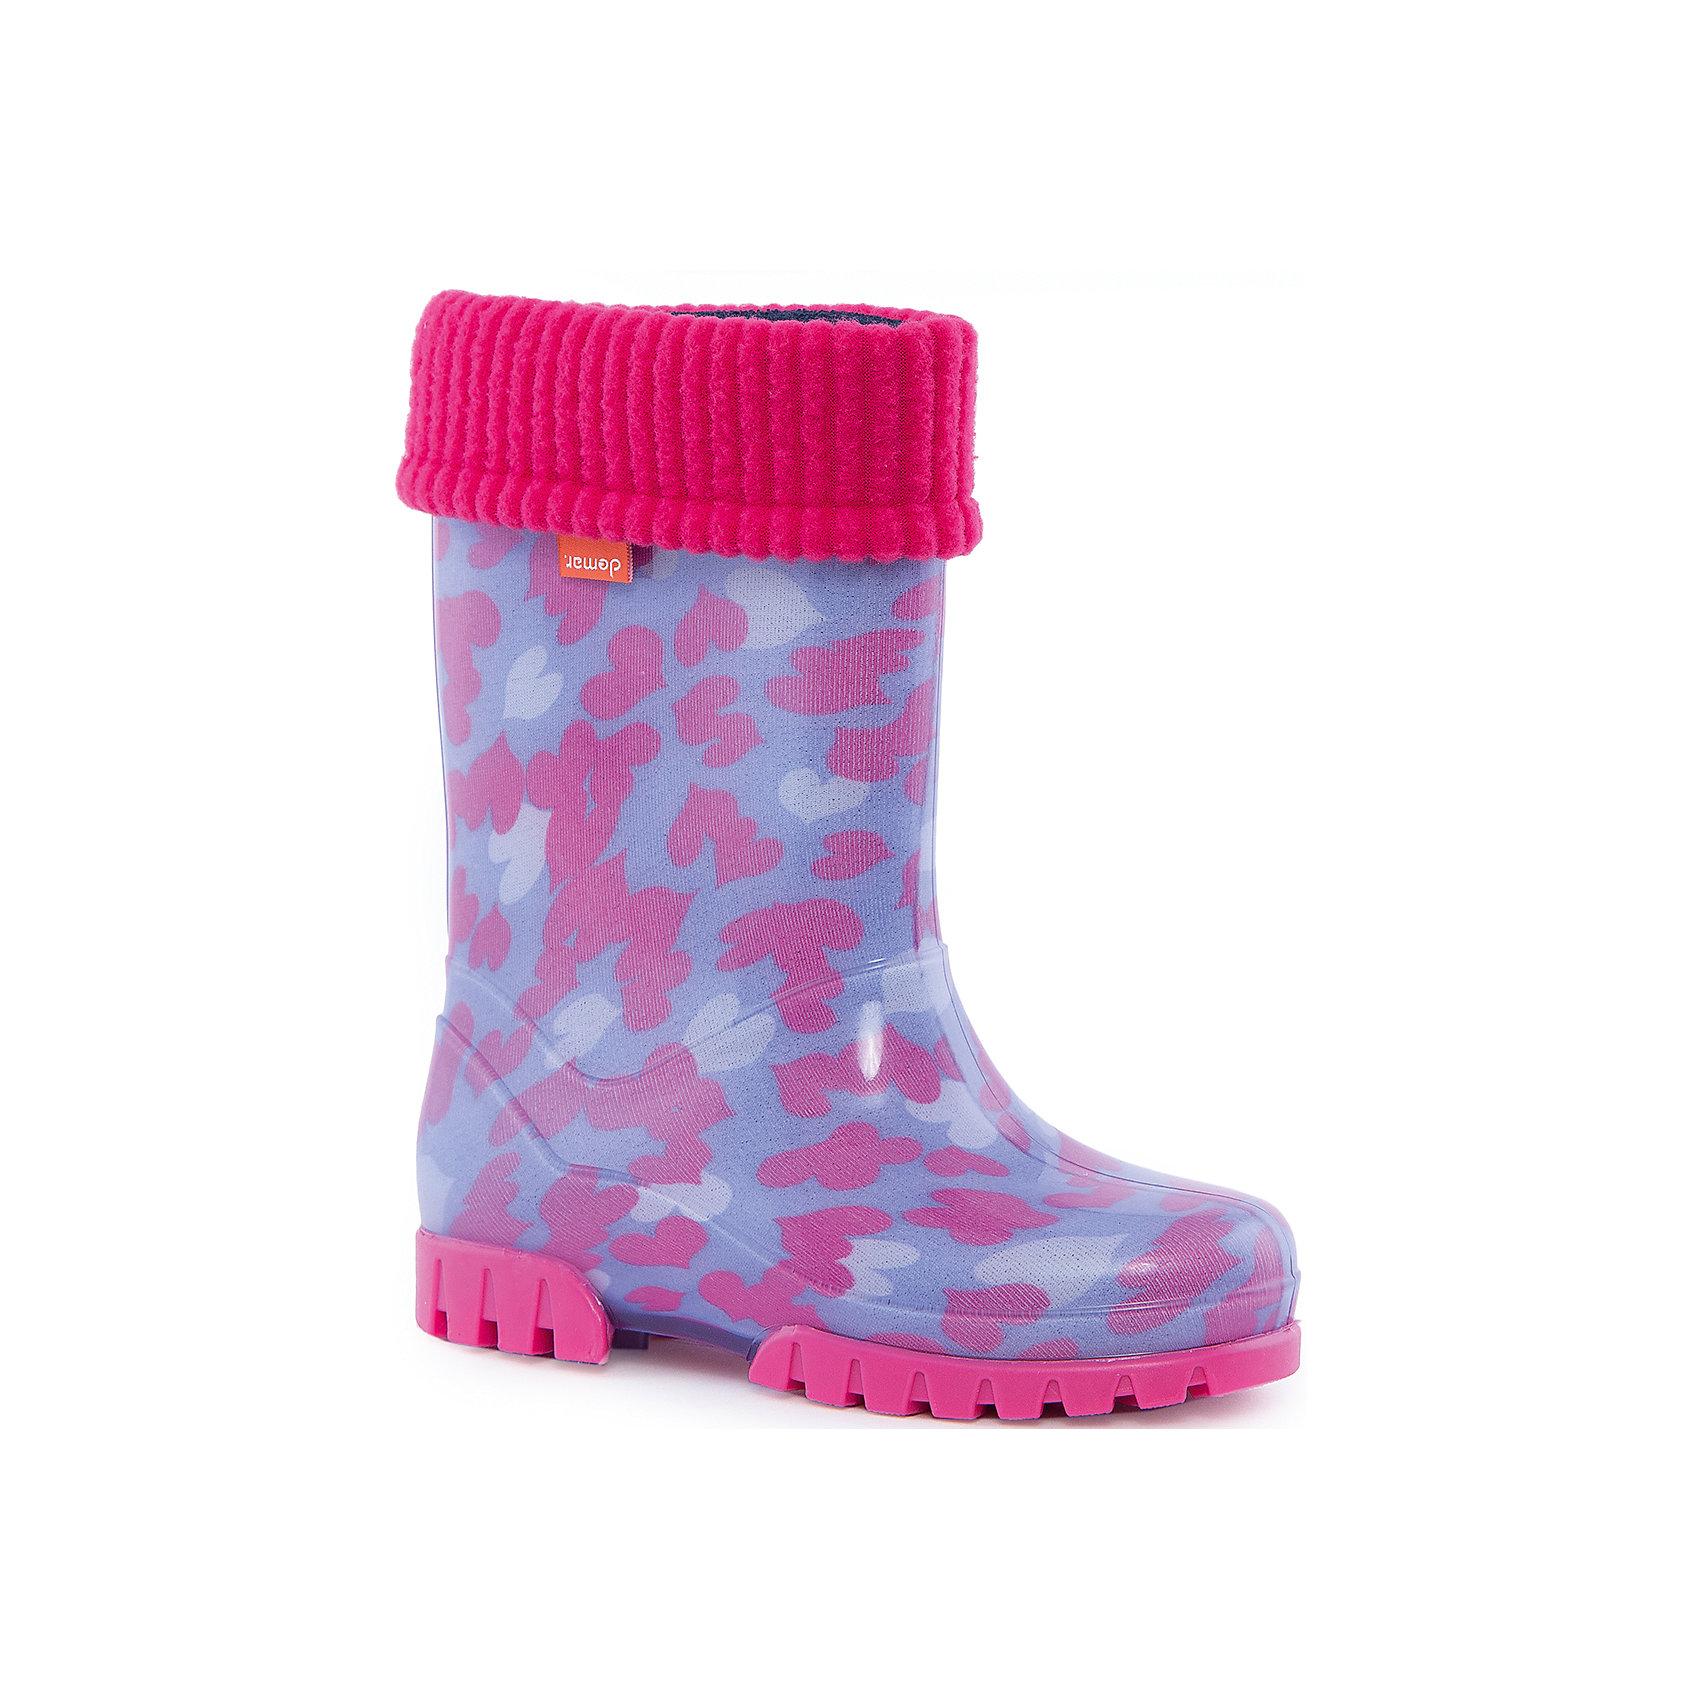 Резиновые сапоги Stormic Lux Print для девочки DEMARРезиновые сапоги<br>Характеристики товара:<br><br>• цвет: розовый/фиолетовый<br>• материал верха: ПВХ<br>• материал подкладки: текстиль <br>• материал подошвы: ПВХ<br>• температурный режим: от 0° до +15° С<br>• верх не продувается<br>• съемный чулок<br>• стильный дизайн<br>• страна бренда: Польша<br>• страна изготовитель: Польша<br><br>Осенью и весной ребенку не обойтись без непромокаемых сапожек! Чтобы не пропустить главные удовольствия межсезонья, нужно запастись удобной обувью. Такие сапожки обеспечат ребенку необходимый для активного отдыха комфорт, а подкладка из текстиля позволит ножкам оставаться теплыми. Сапожки легко надеваются и снимаются, отлично сидят на ноге. Они удивительно легкие!<br>Обувь от польского бренда Demar - это качественные товары, созданные с применением новейших технологий и с использованием как натуральных, так и высокотехнологичных материалов. Обувь отличается стильным дизайном и продуманной конструкцией. Изделие производится из качественных и проверенных материалов, которые безопасны для детей.<br><br>Сапожки от бренда Demar (Демар) можно купить в нашем интернет-магазине.<br><br>Ширина мм: 237<br>Глубина мм: 180<br>Высота мм: 152<br>Вес г: 438<br>Цвет: белый<br>Возраст от месяцев: 48<br>Возраст до месяцев: 60<br>Пол: Женский<br>Возраст: Детский<br>Размер: 28/29,32/33,34/35,30/31<br>SKU: 4576076